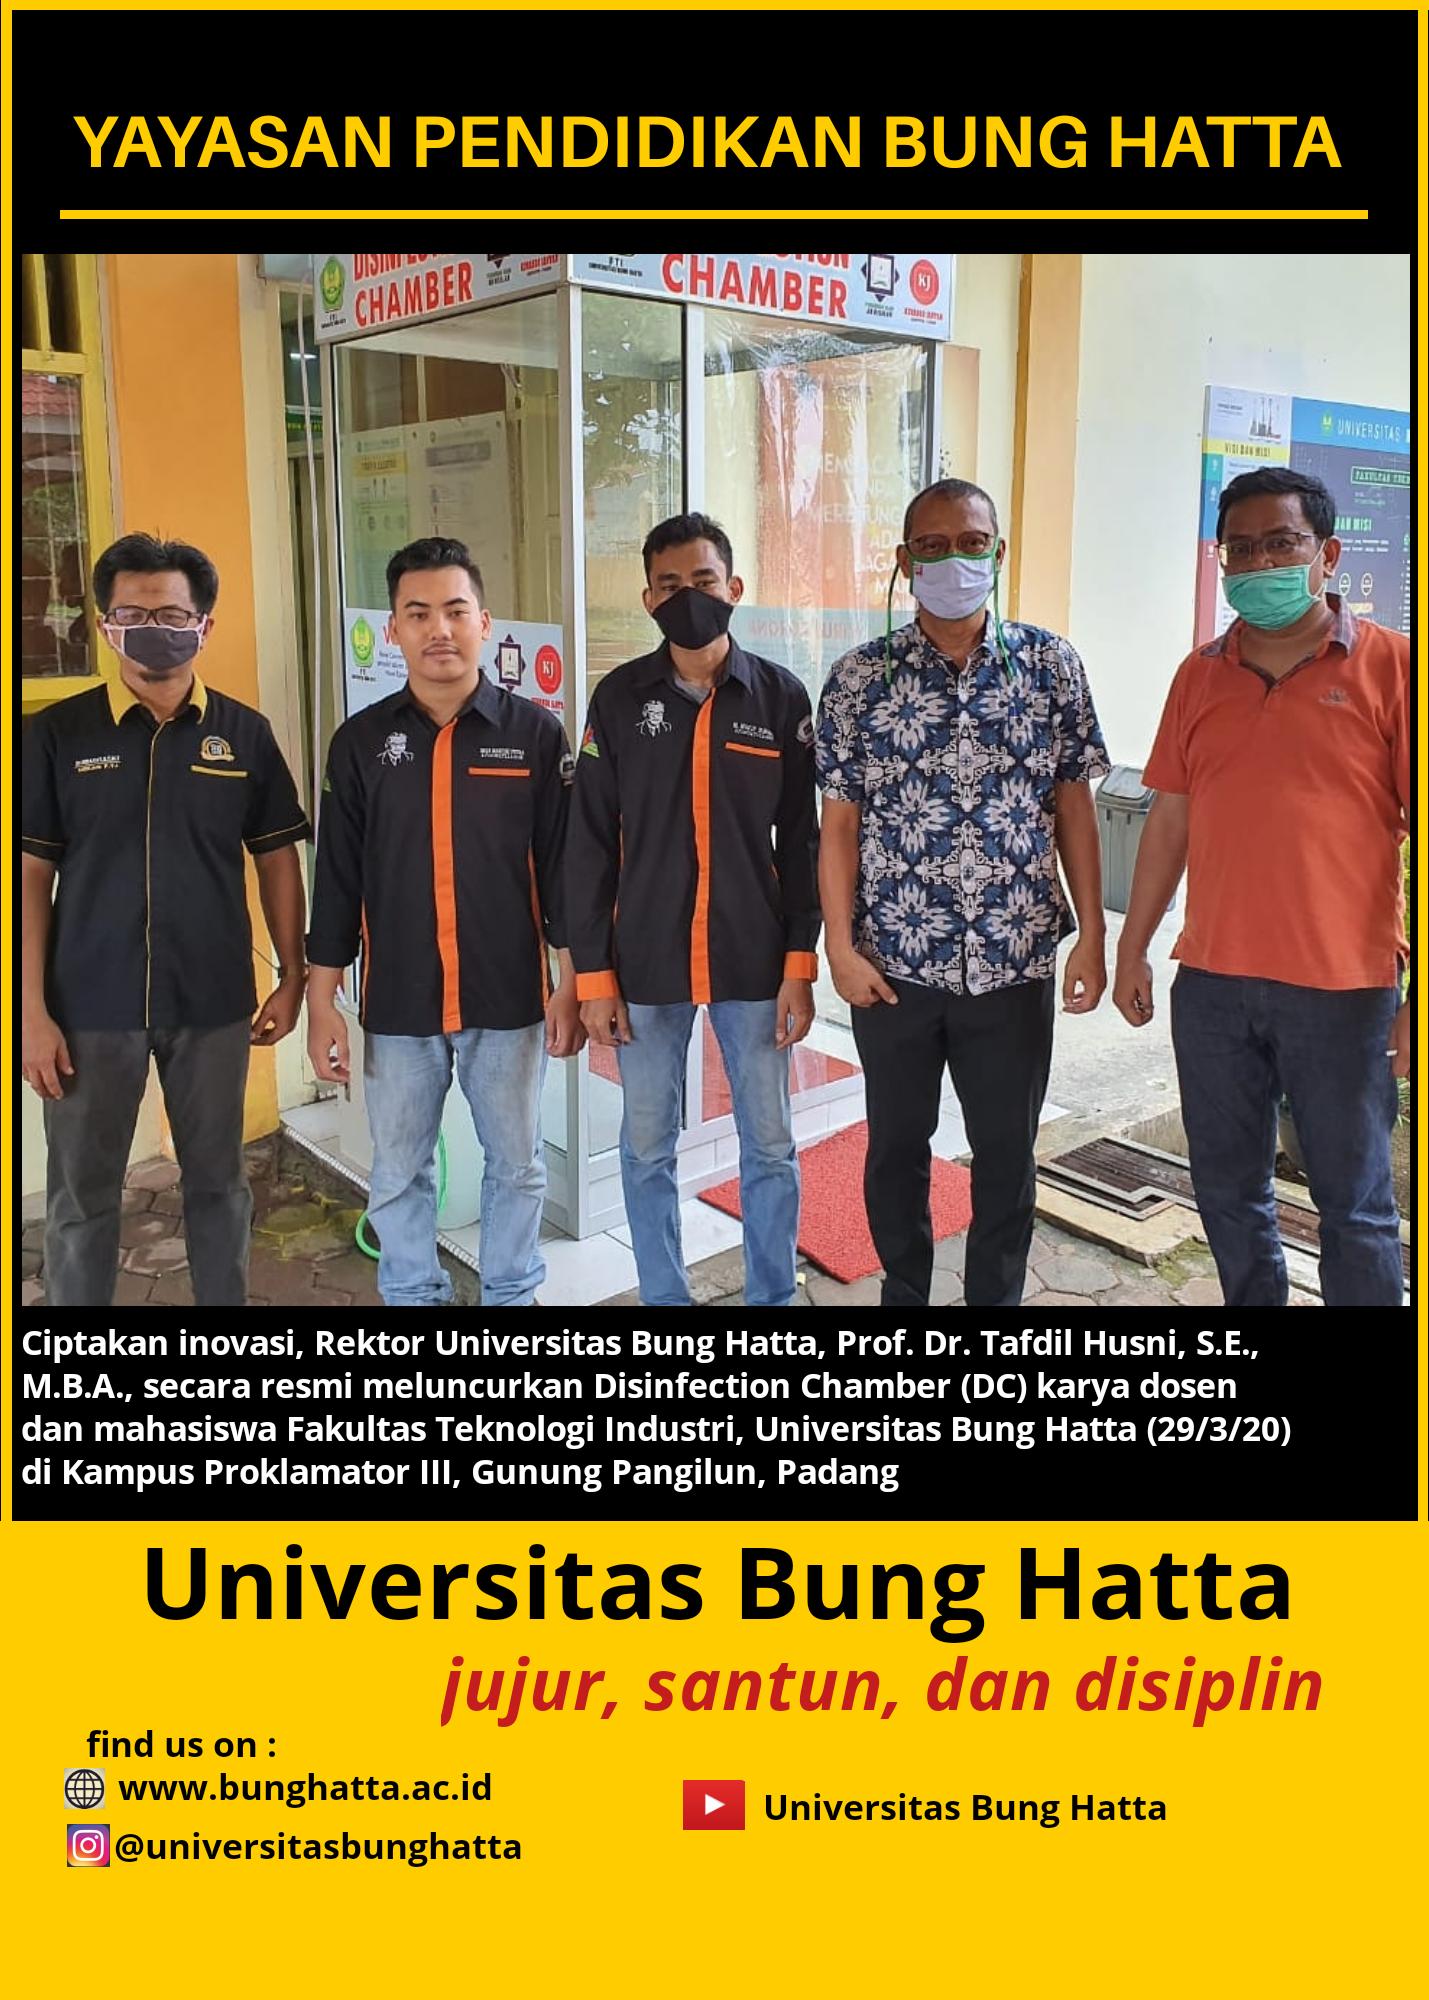 Rektor Universitas Bung Hatta Resmikan Peluncuran Disinfection Chamber (DC) Karya Dosen dan Mahasiswa Fakultas Teknologi Industri